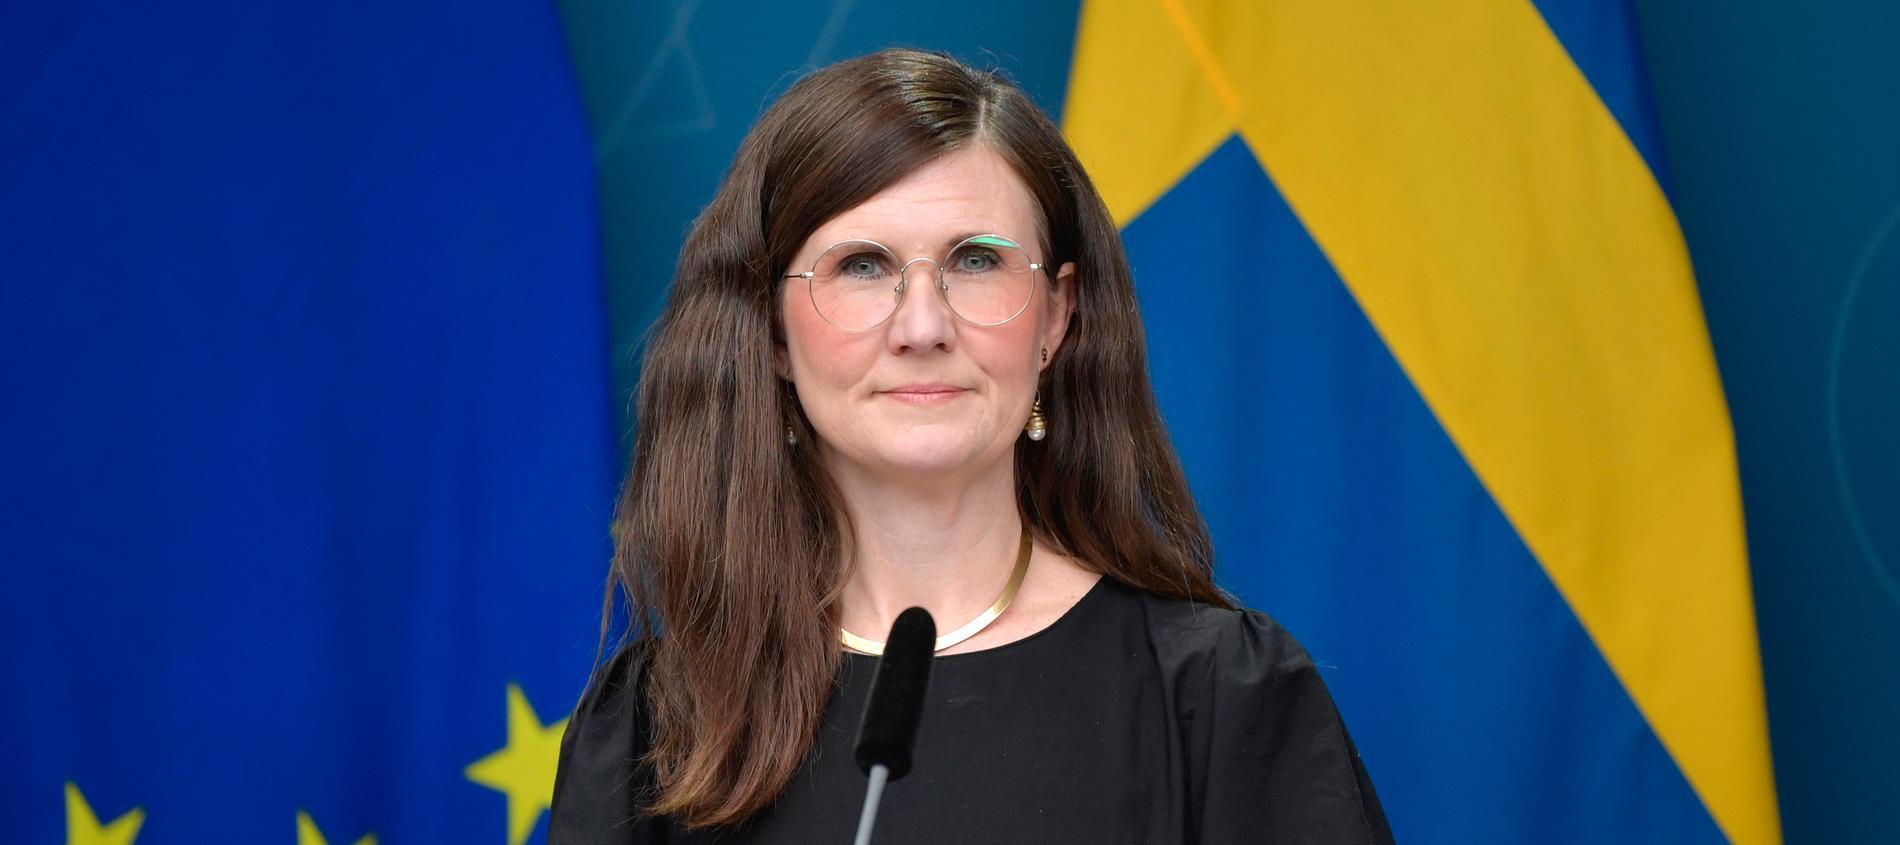 Miljöpartiets språkrör Märta Stenevi blir jämställdhets- och bostadsminister.